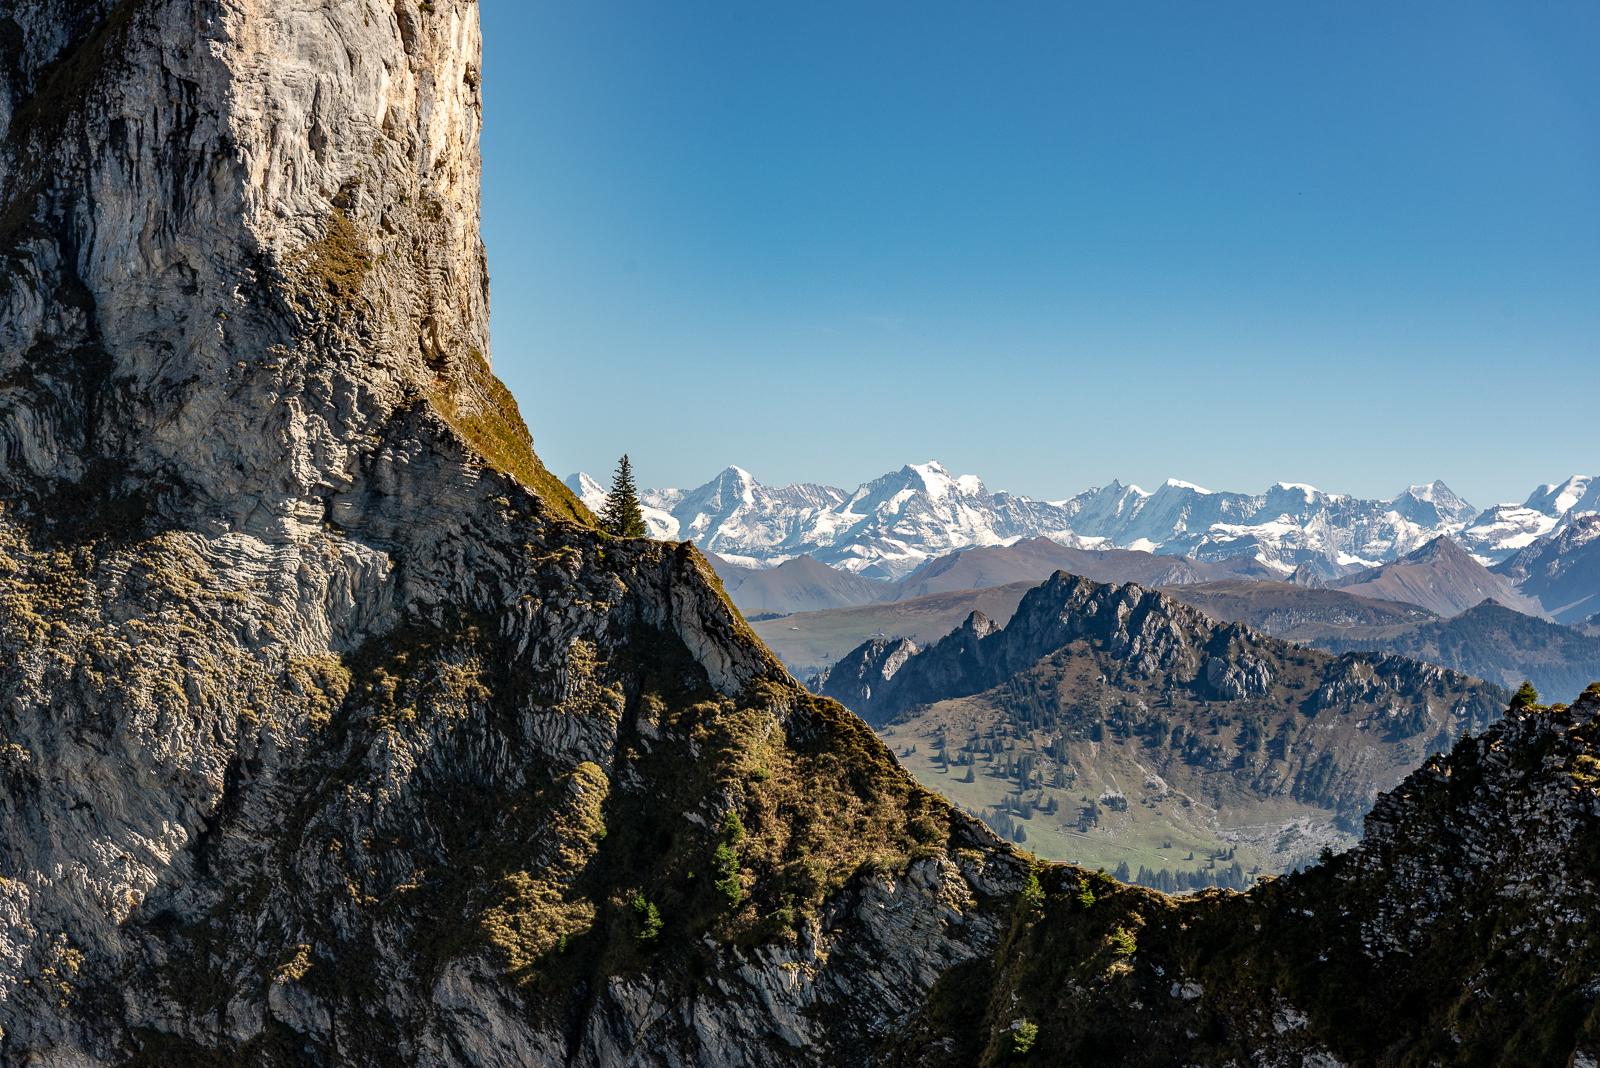 Die Alpen im Hintergrund